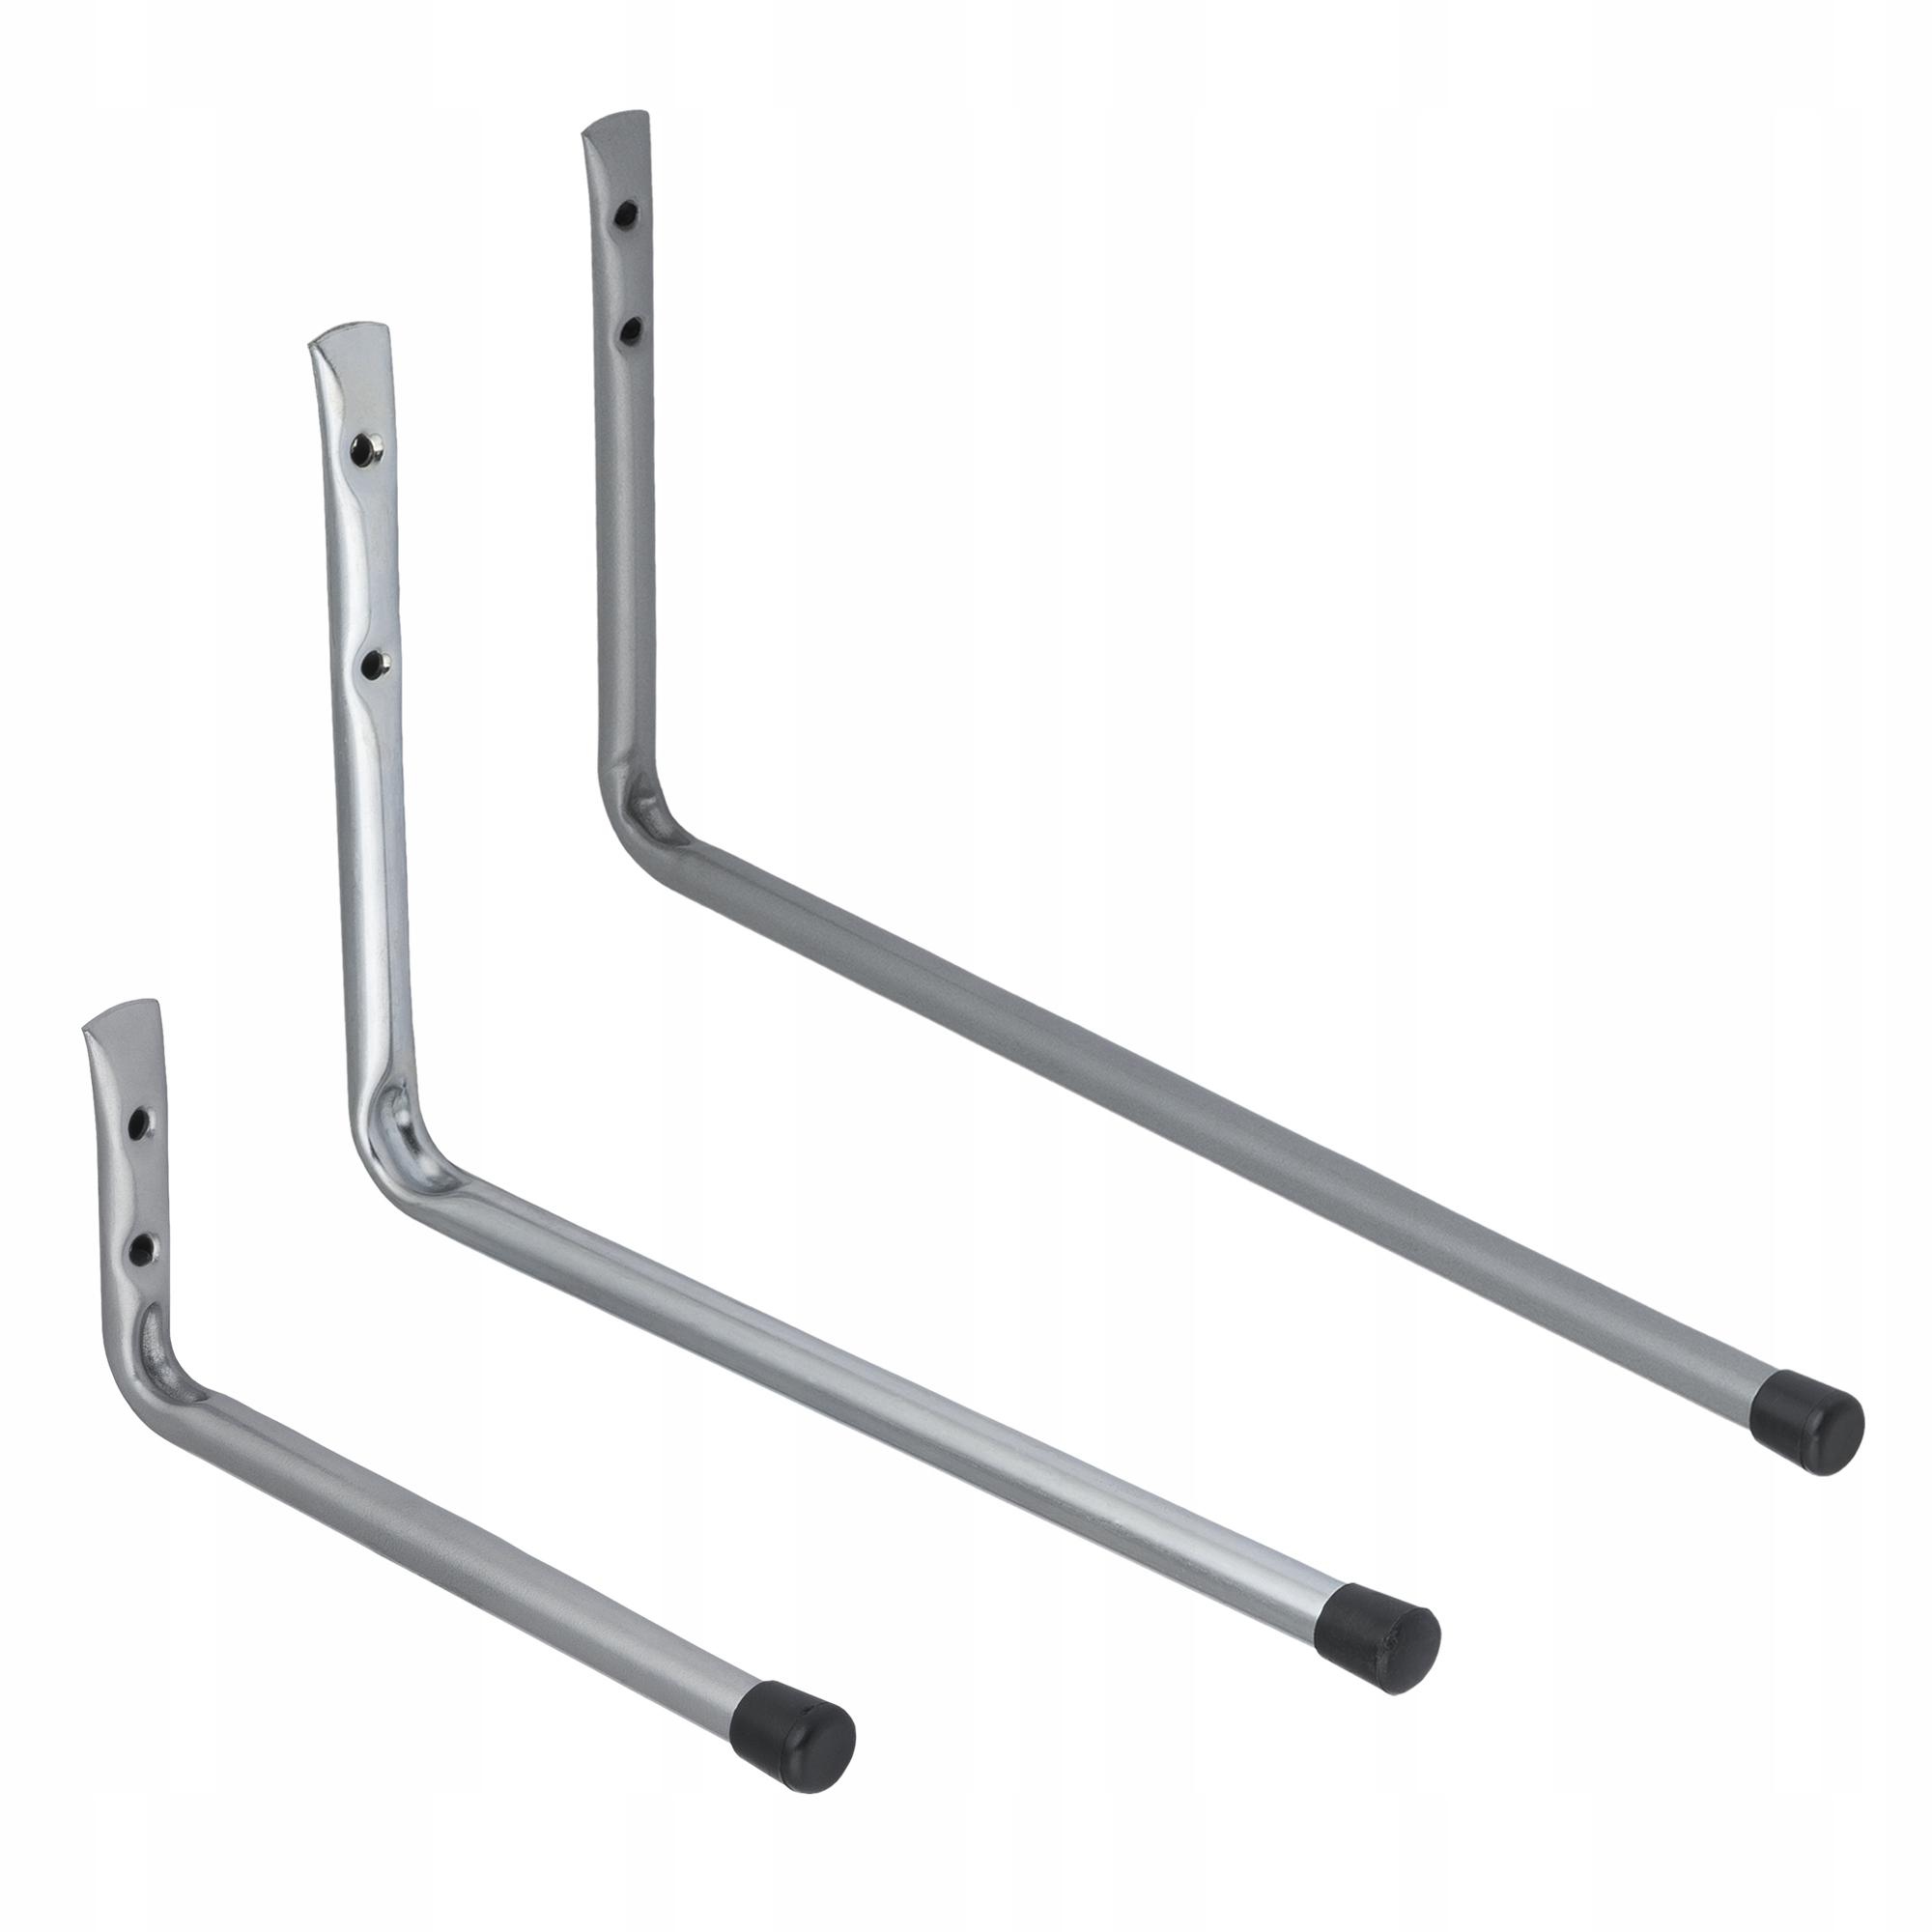 2x Hak garażowy ścienny - prosty - HPP 180x90